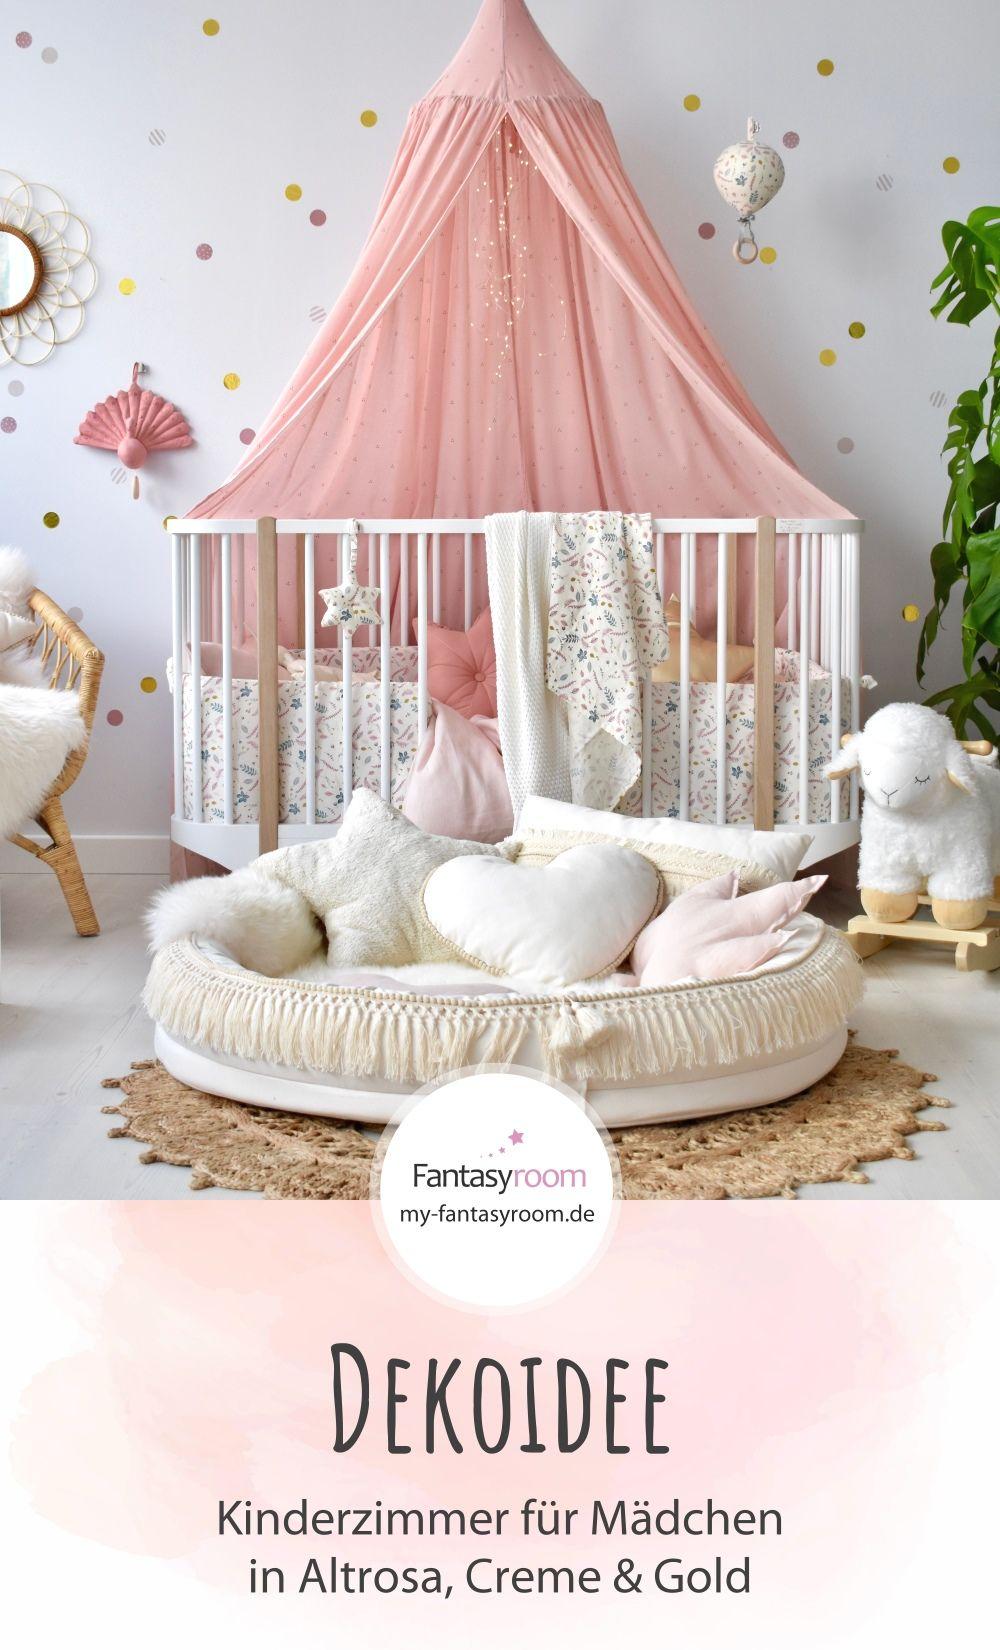 Babyzimmer In Altrosa Creme Mit Juniornest Bei Fantasyroom Online Kaufen Zimmer Wandfarbe Kinderzimmer Kinder Zimmer